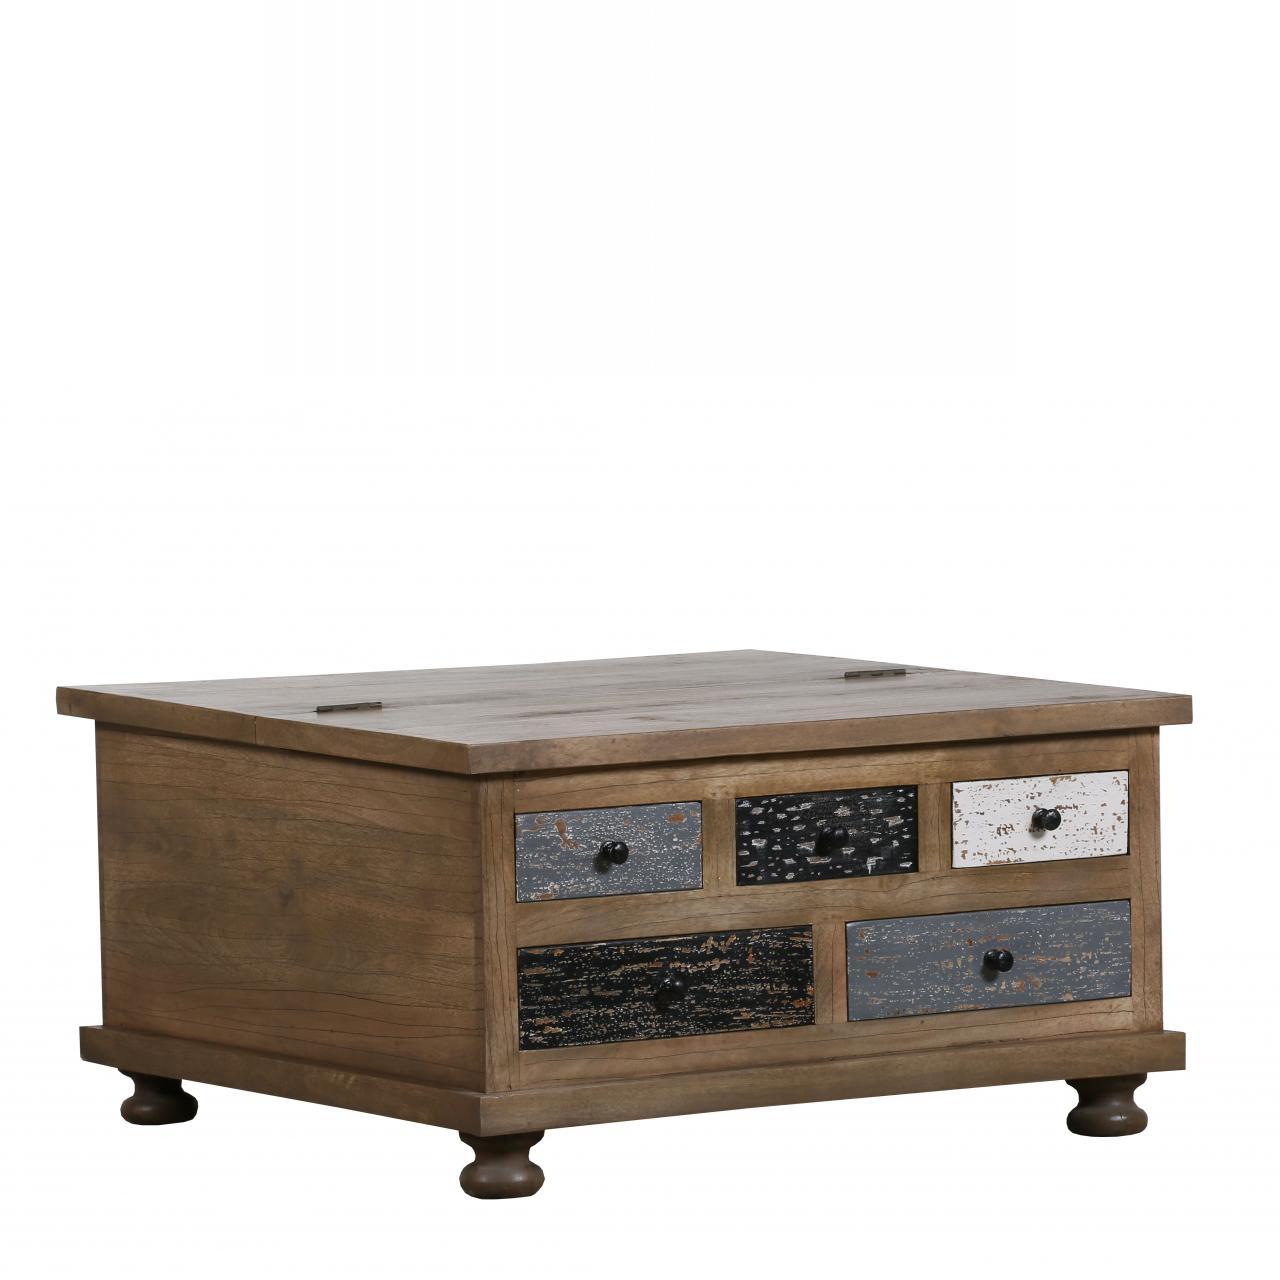 couchtisch taifun 61094 beim bel wohnen m bel. Black Bedroom Furniture Sets. Home Design Ideas